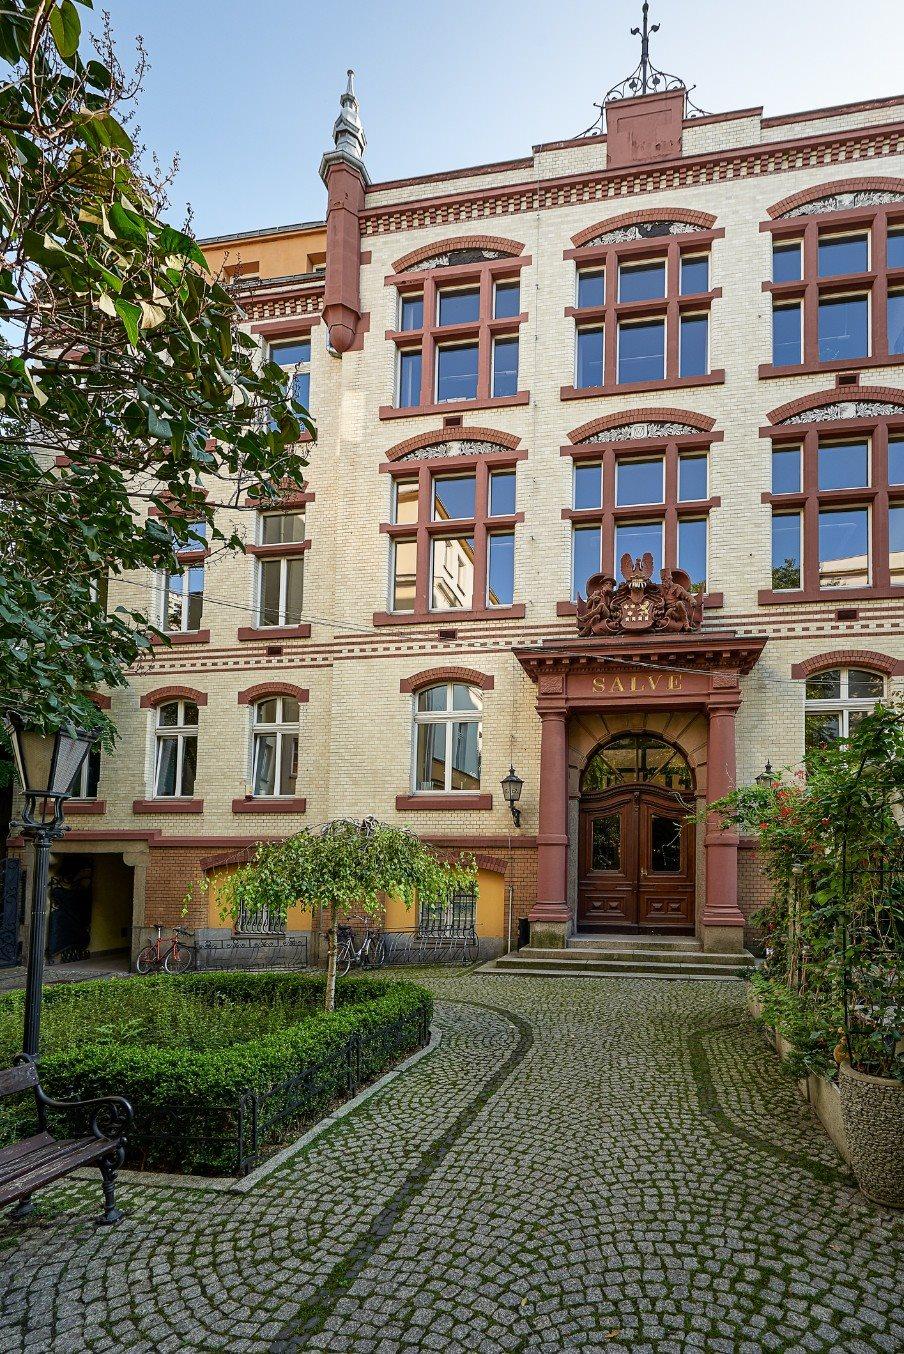 Lokal użytkowy na wynajem Wrocław, Stare Miasto, Podwale 62  85m2 Foto 11